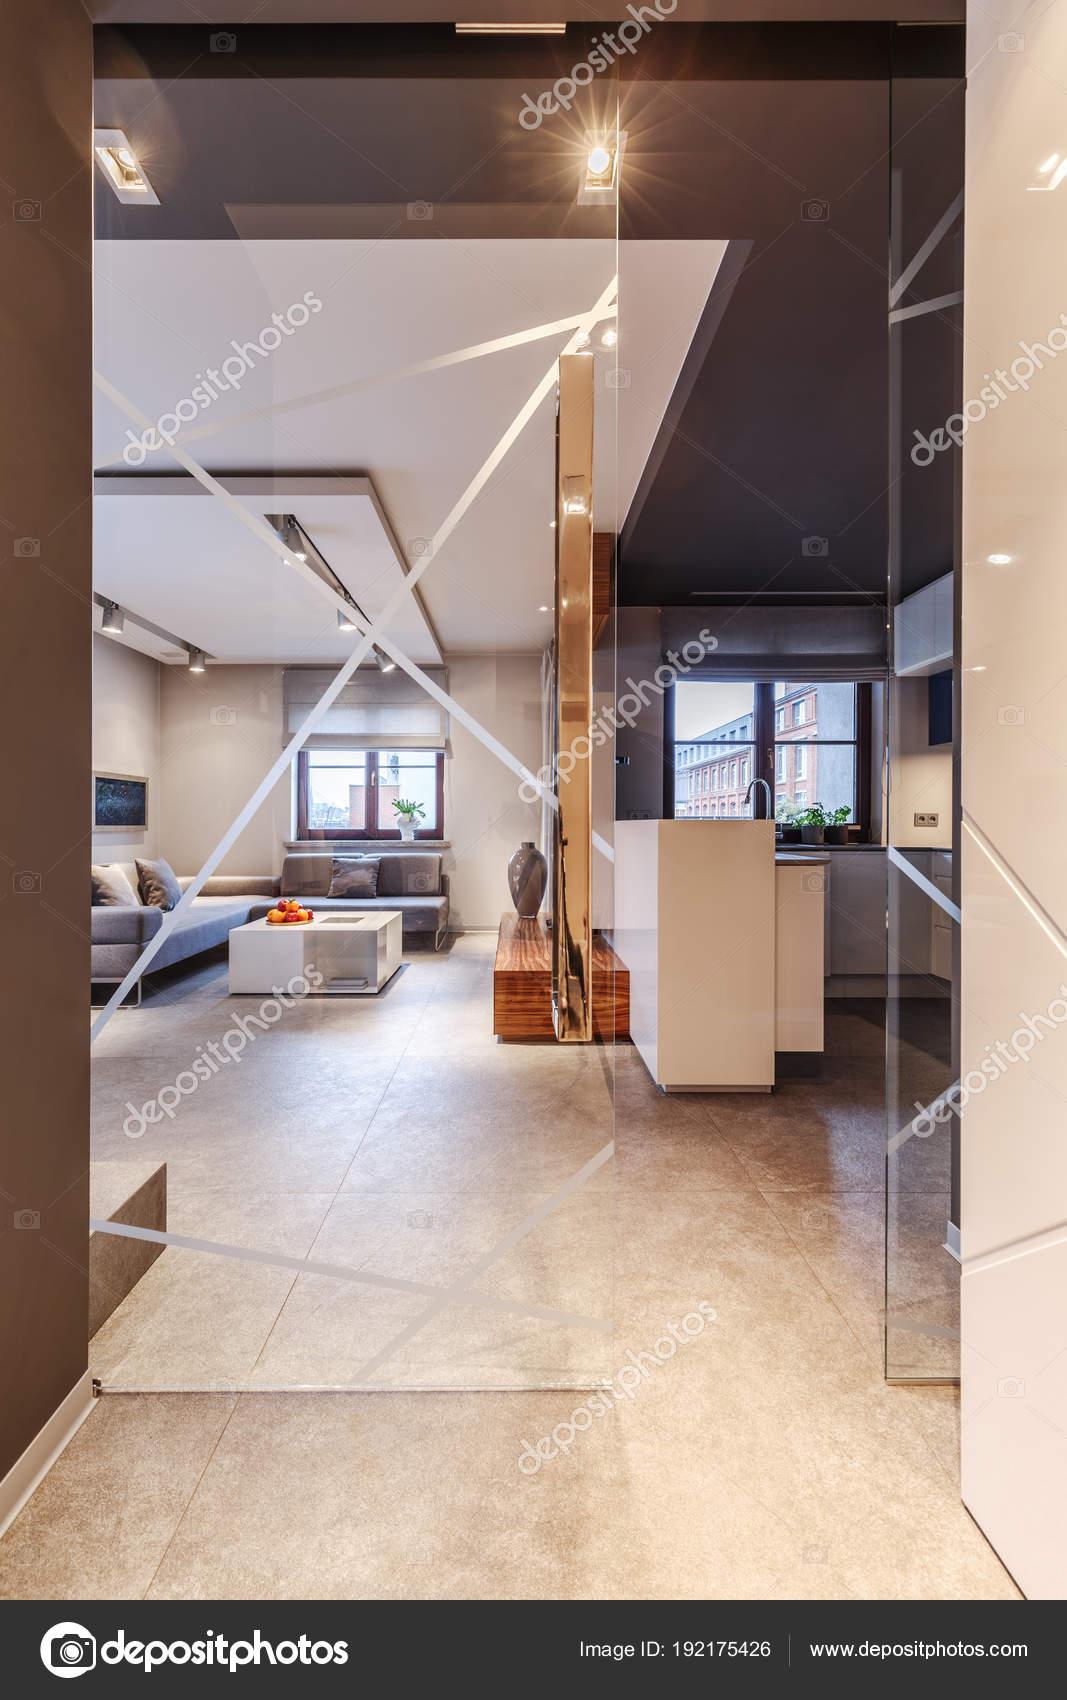 Glastür Im Wohnzimmer Stockfoto Photographeeeu - Wohnzimmer glastür